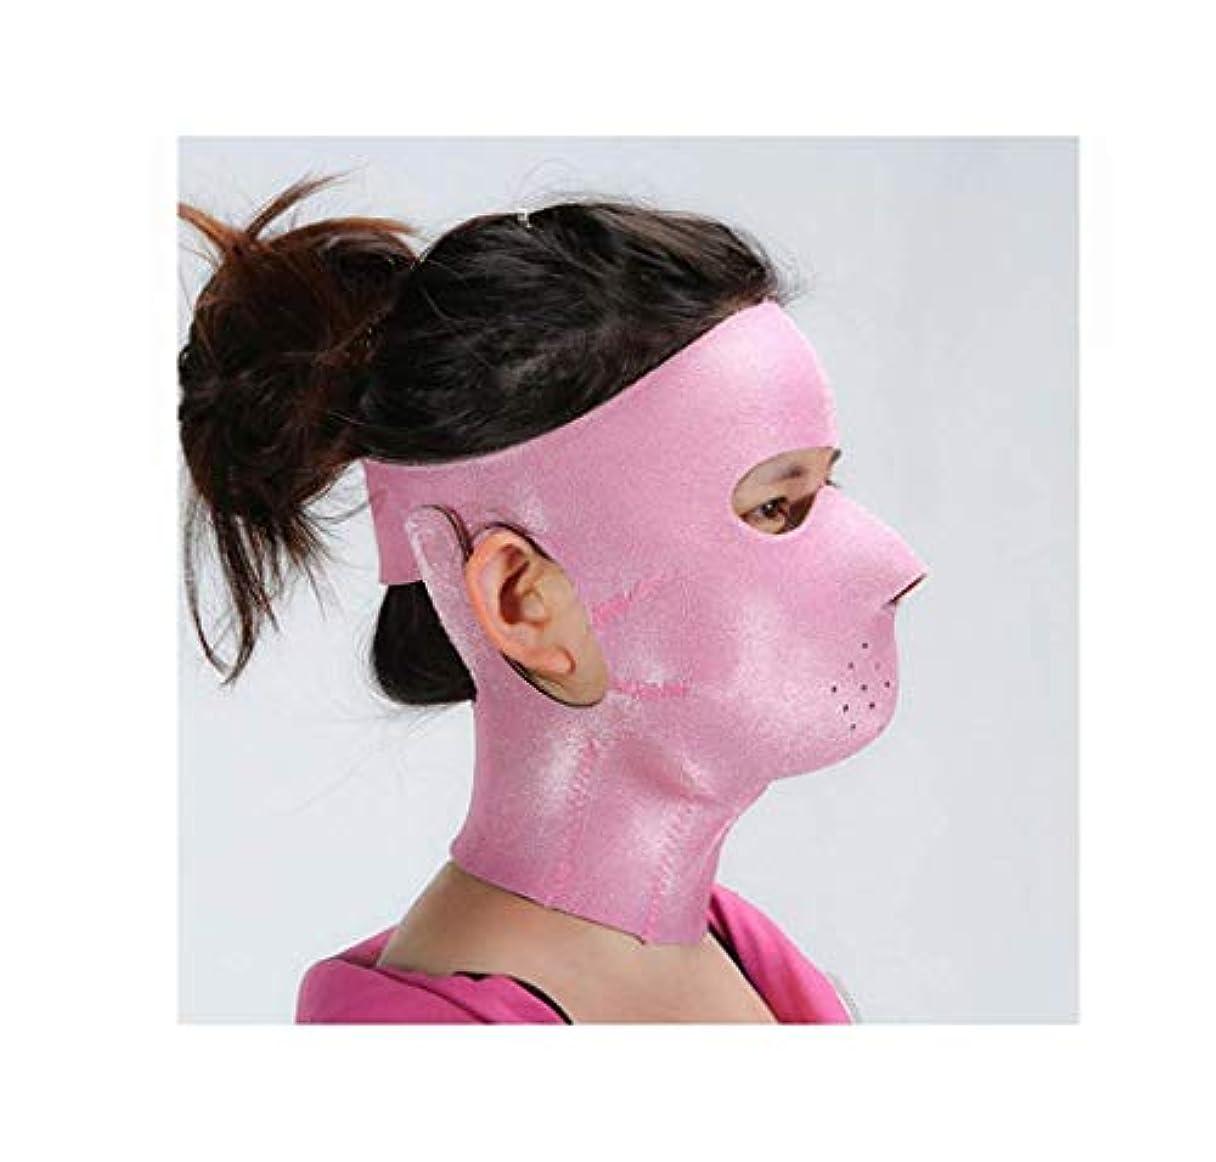 あなたは同化する側面フェイスリフトマスク、フェイシャルマスクプラス薄いフェイスマスクタイトなたるみの薄いフェイスマスクフェイシャル薄いフェイスマスクアーティファクトビューティーネックストラップ付き